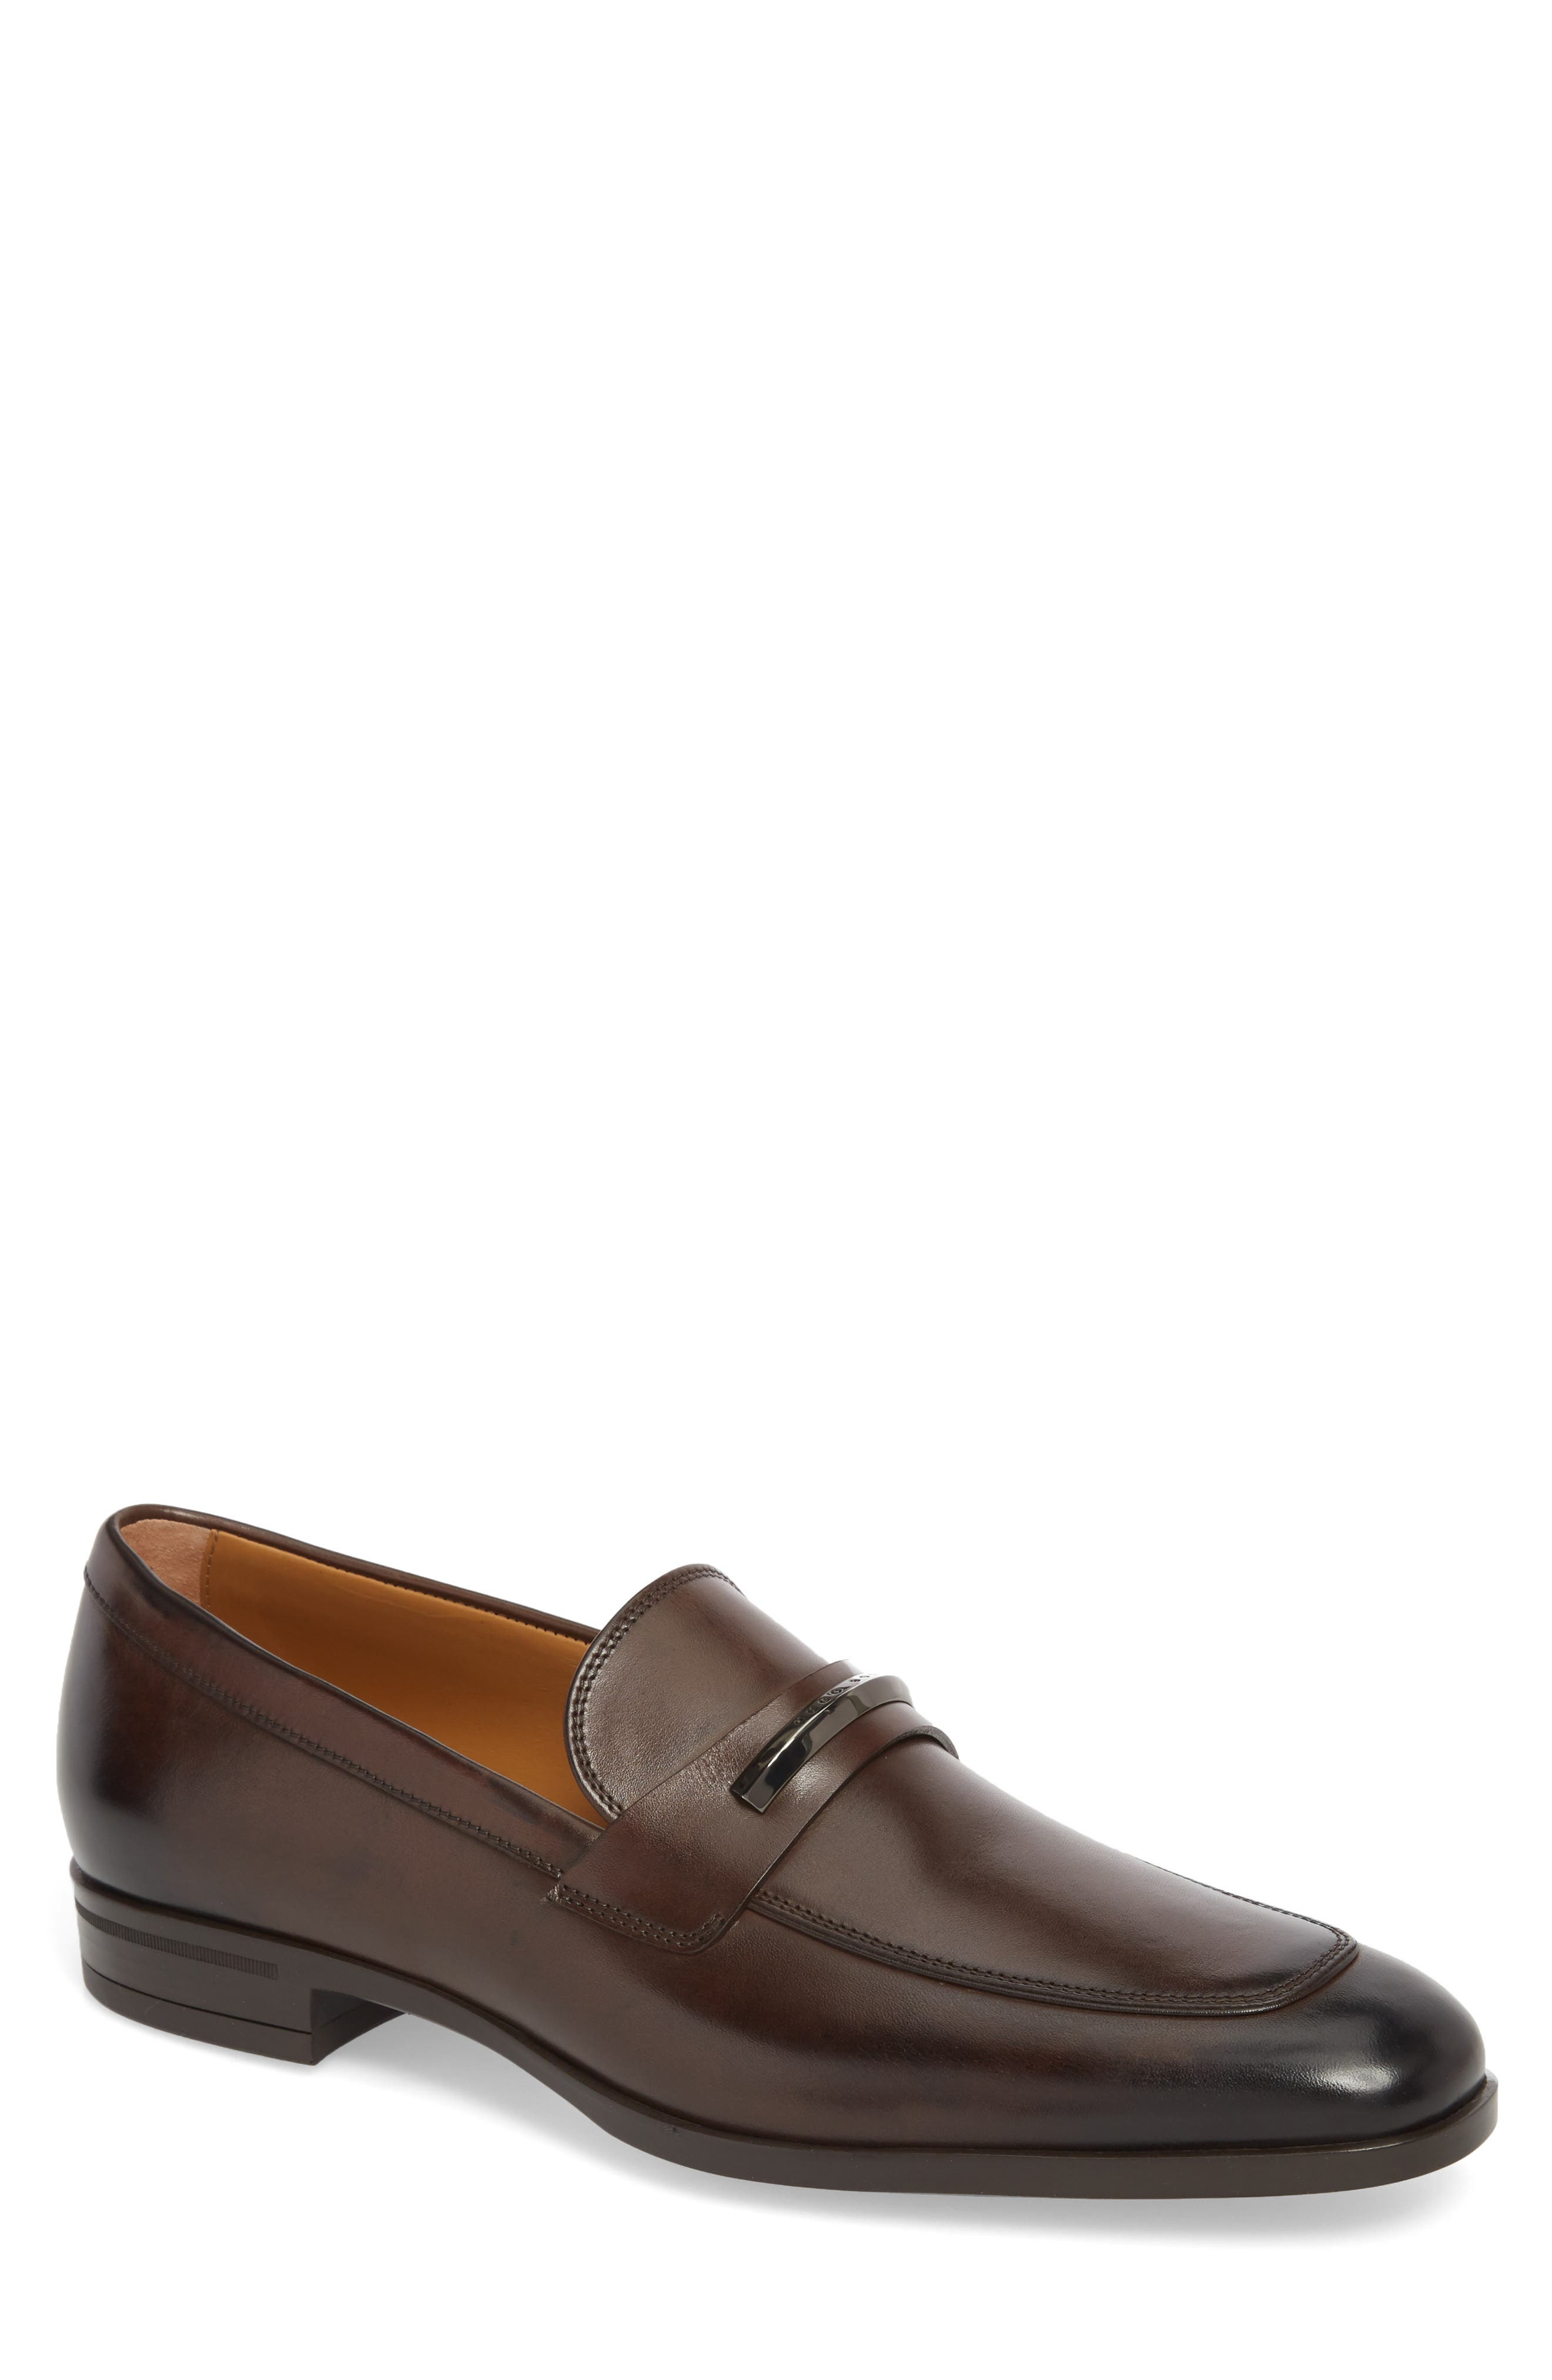 Hugo Boss Portland Solid Bit Loafer,                         Main,                         color, DARK BROWN LEATHER